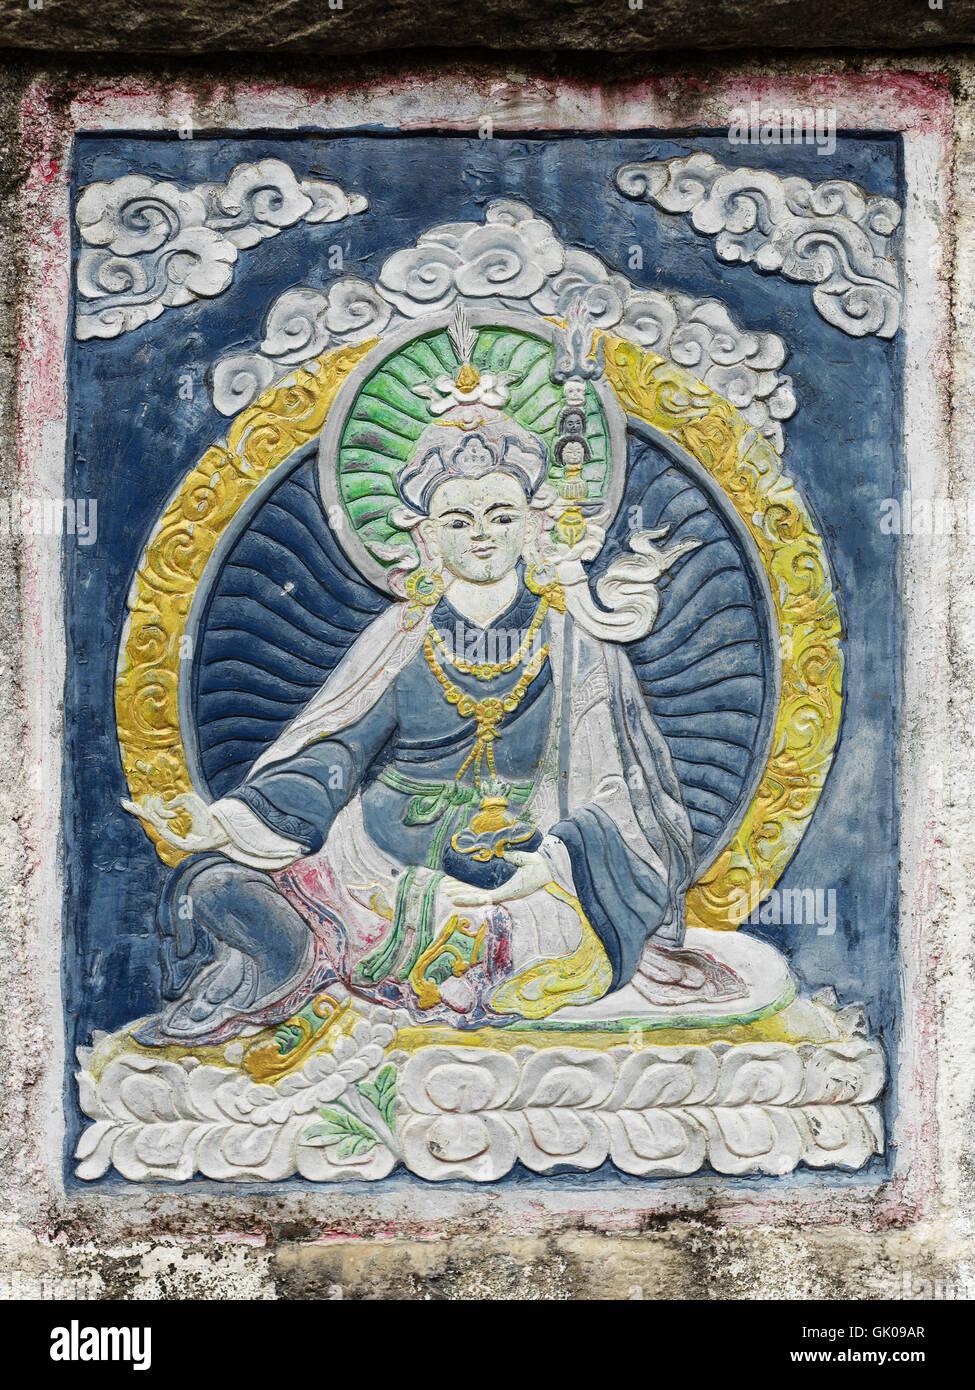 Eine Vignette eines Schreins in Lukla, Nepal Stockbild